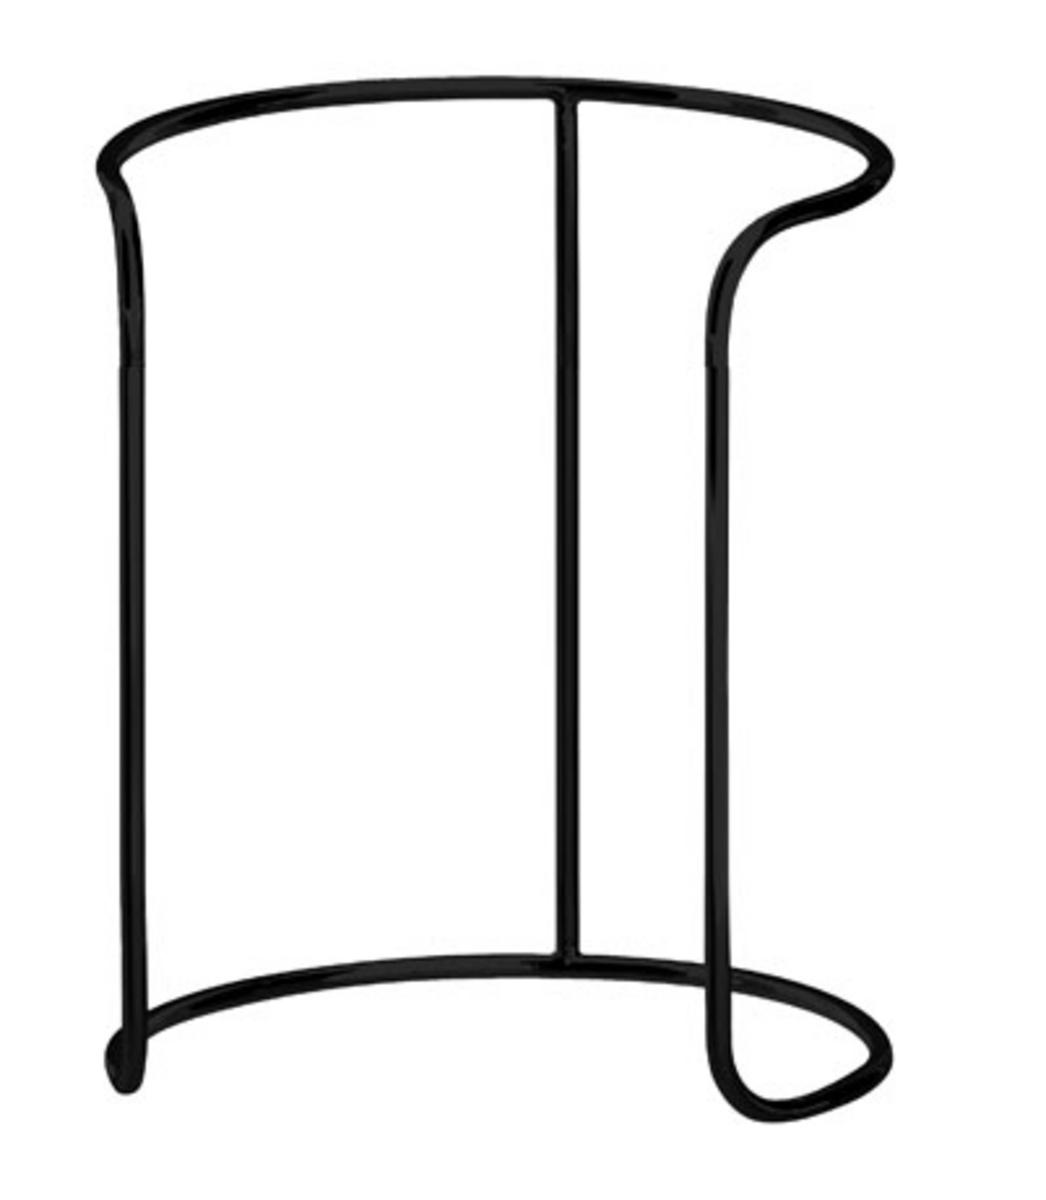 Support haut rond noir acier Ø 25 cm Evento Degrenne